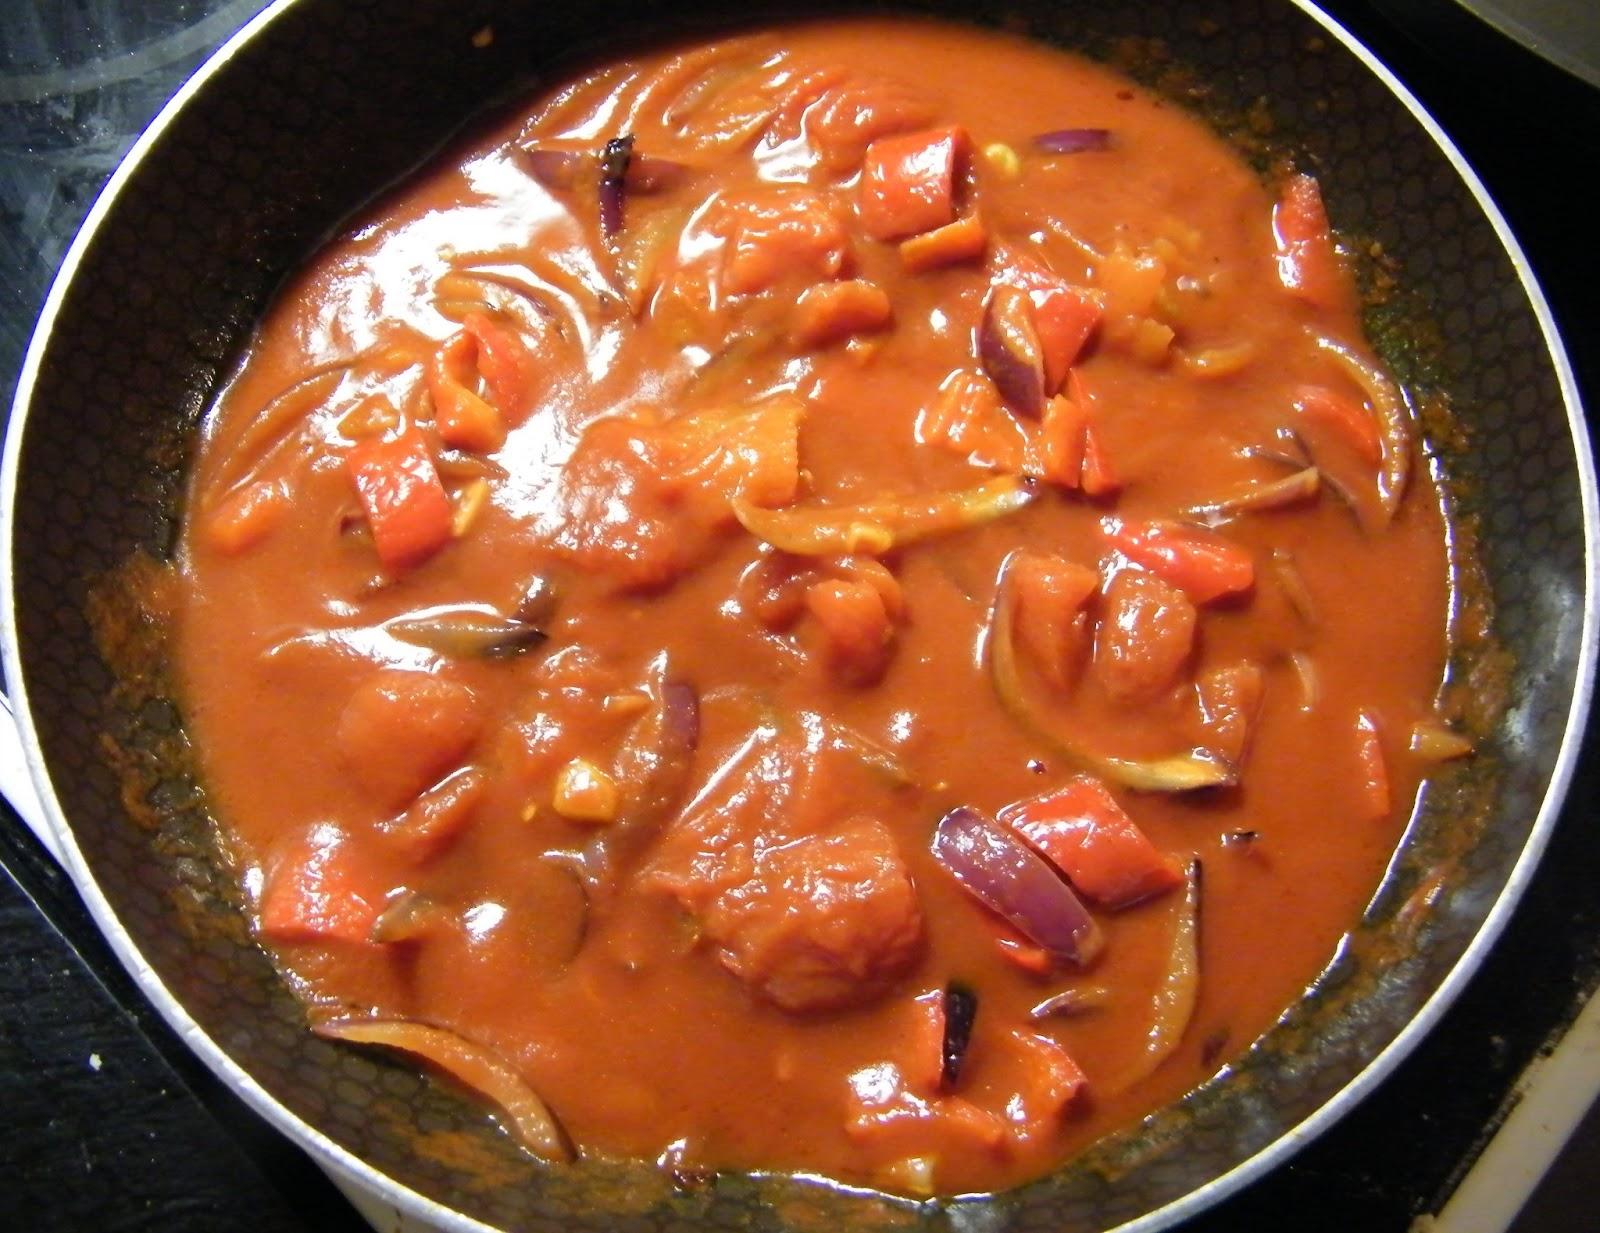 Comer rico y sano: Sopa de tomate - photo#21